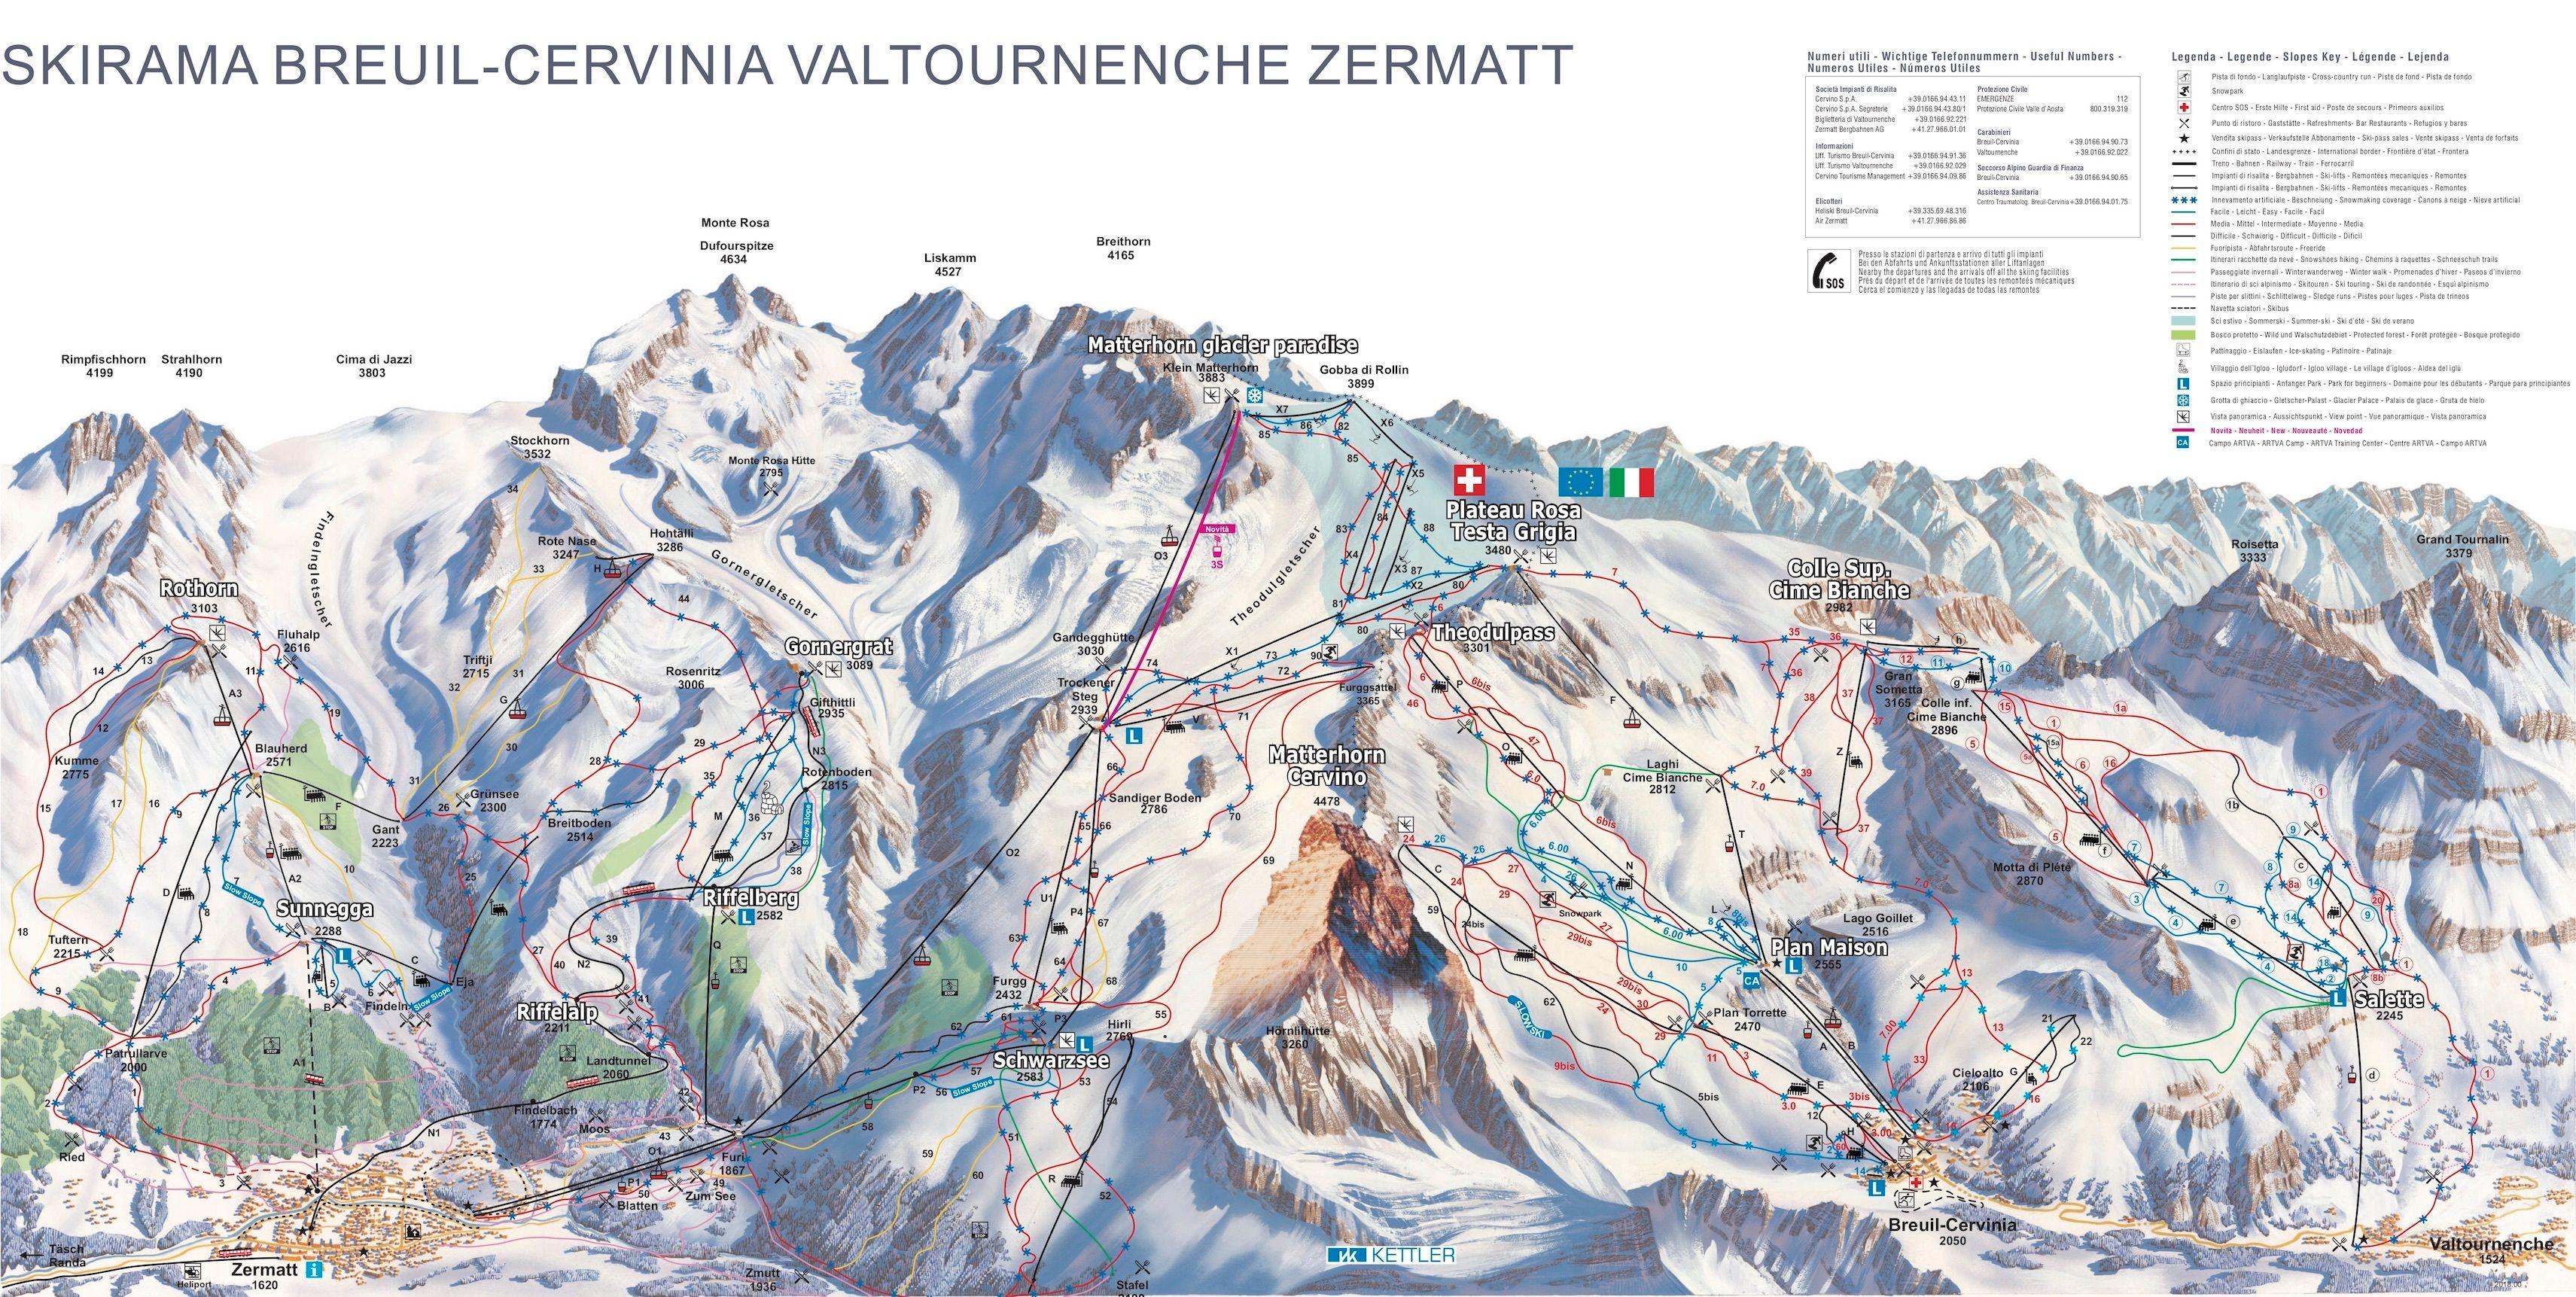 Zermatt - Breuil-Cervinia (2018-2019)